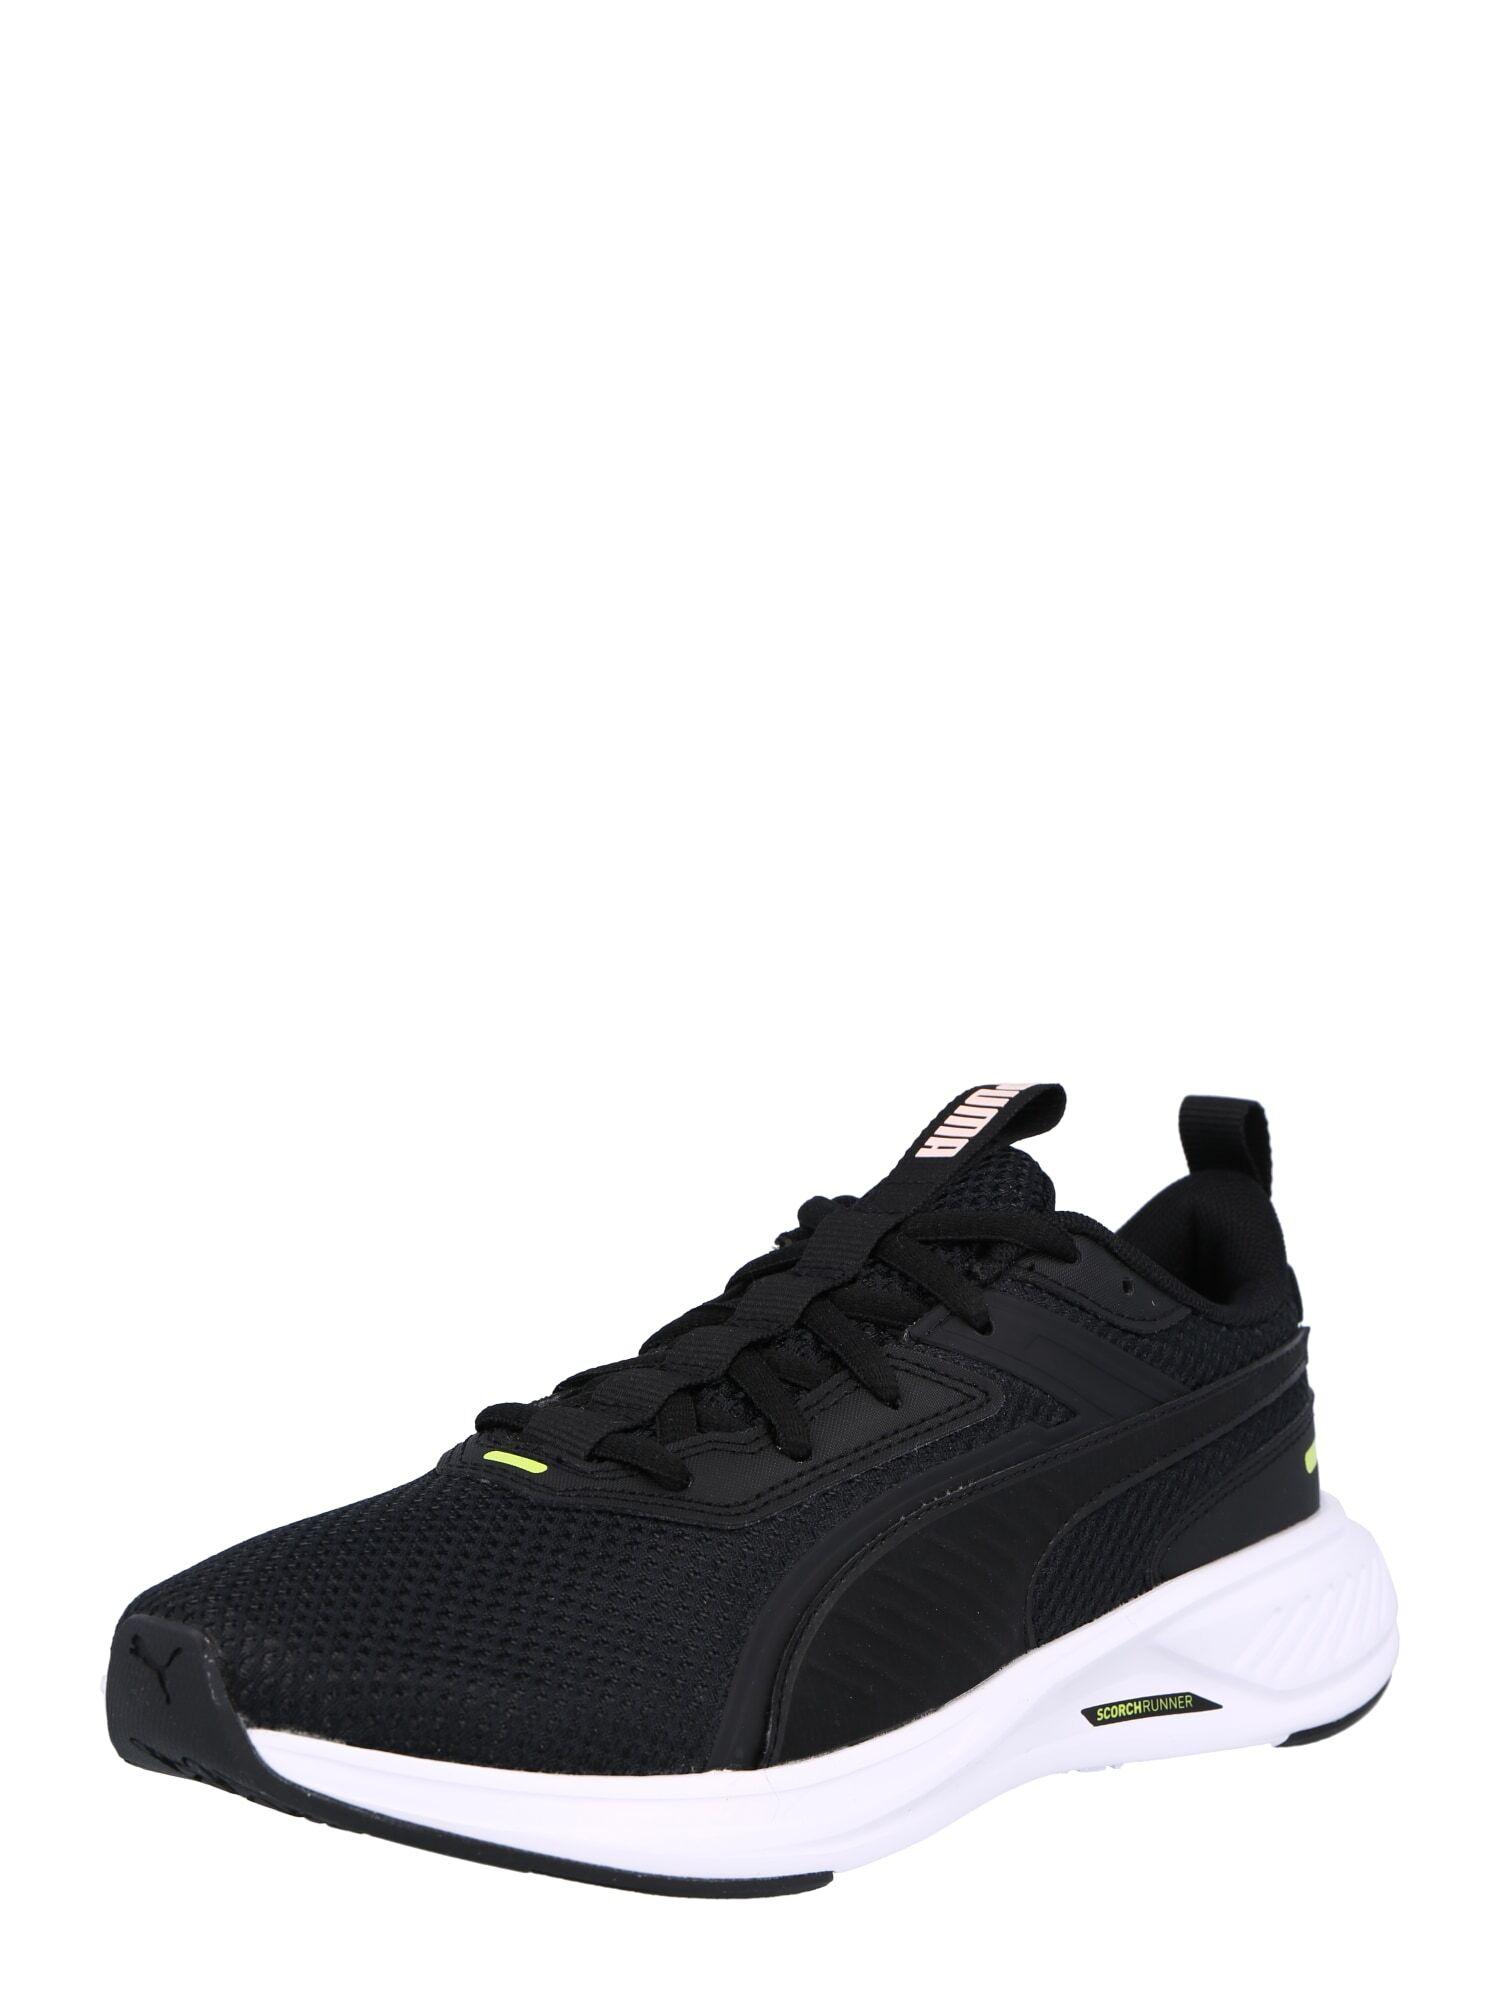 PUMA Chaussure de course  - Noir - Taille: 7.5 - male